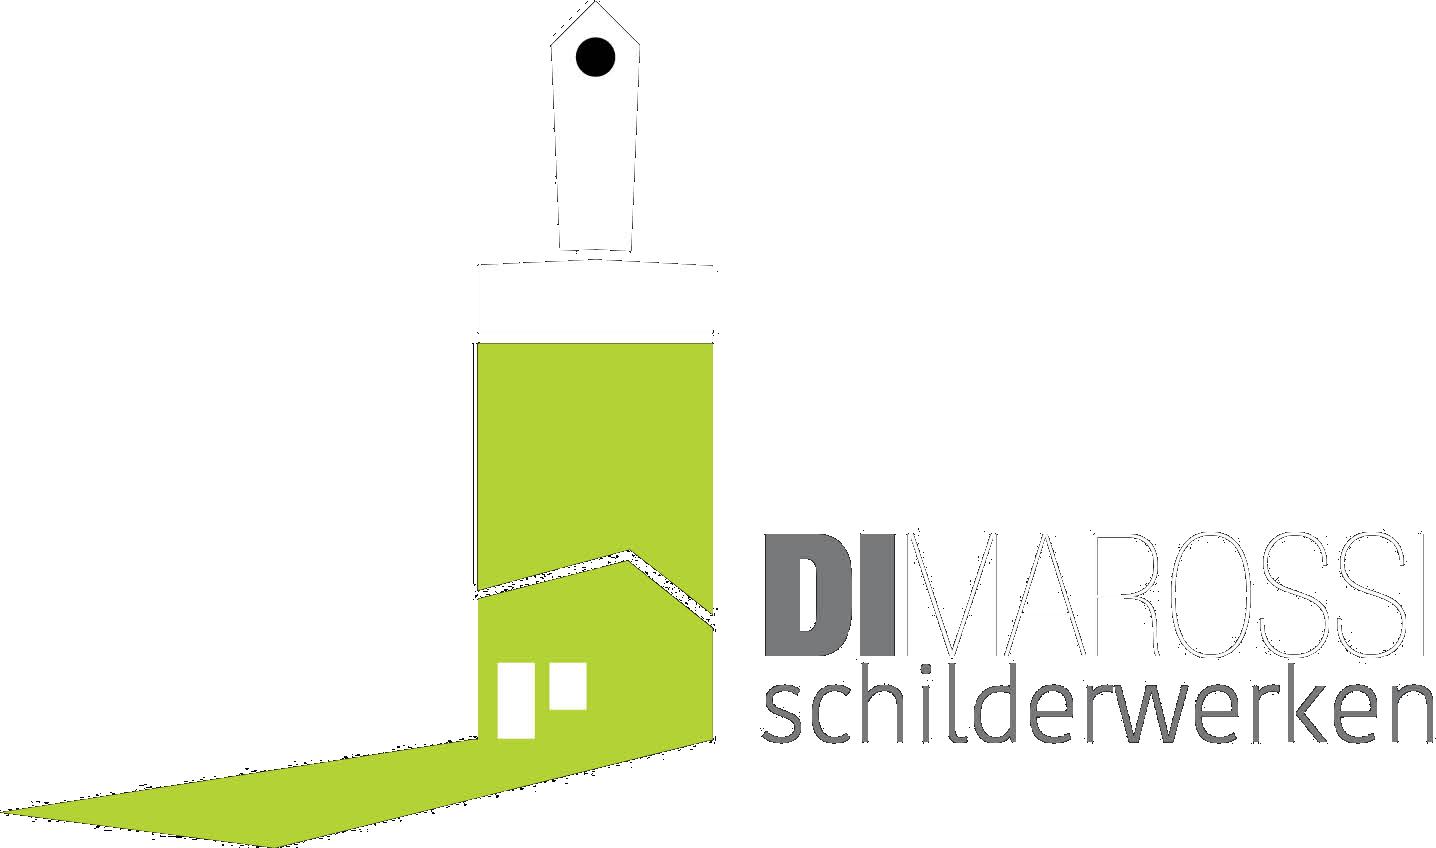 Logo wit - DiMarossi Schilderwerken